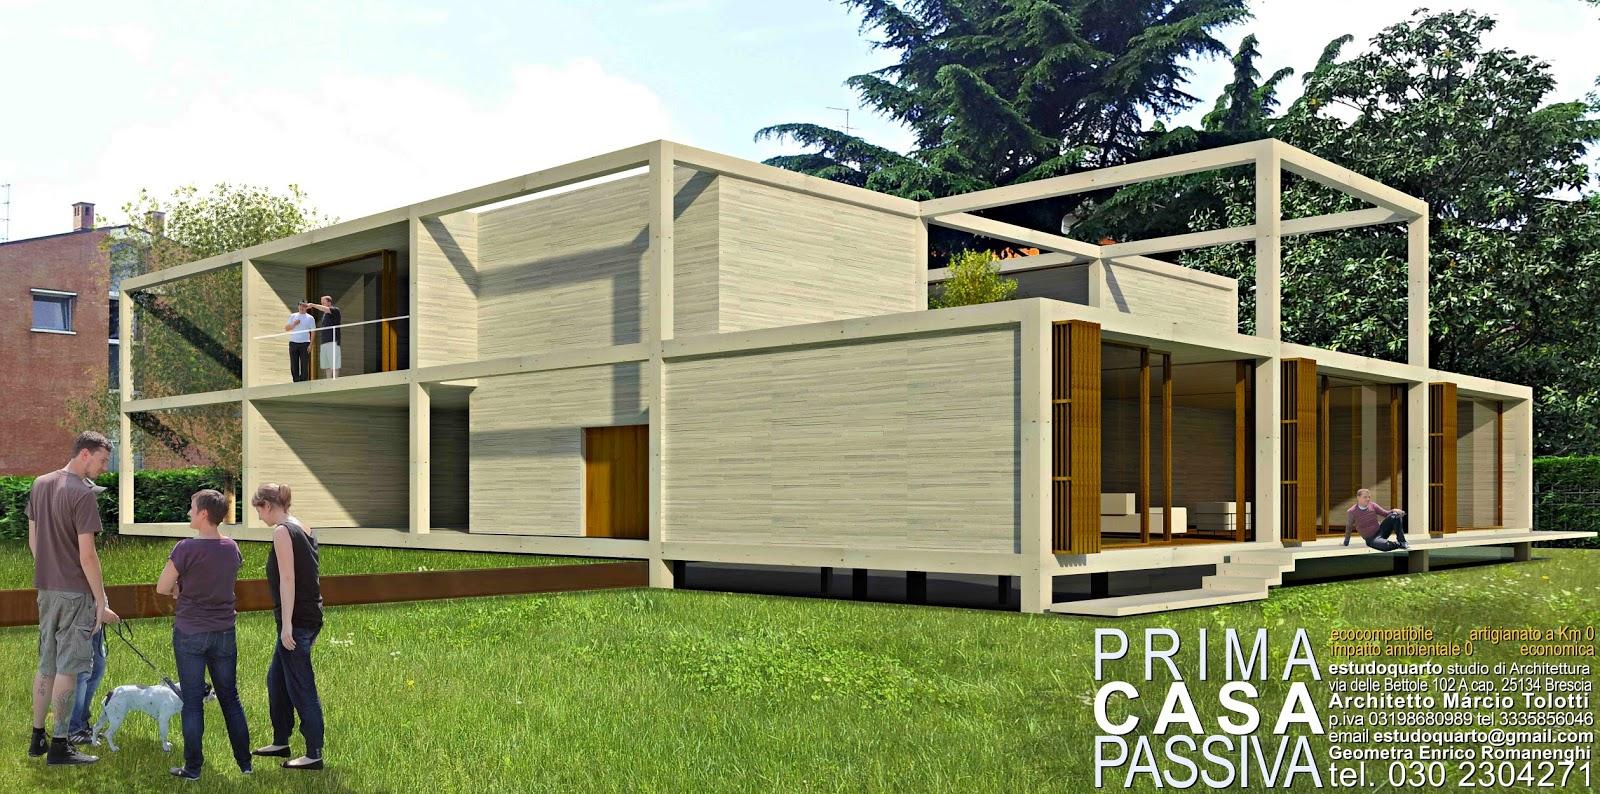 Quanto costa costruire casa con prima casa passiva solo for Quanto costa una casa a 2 piani